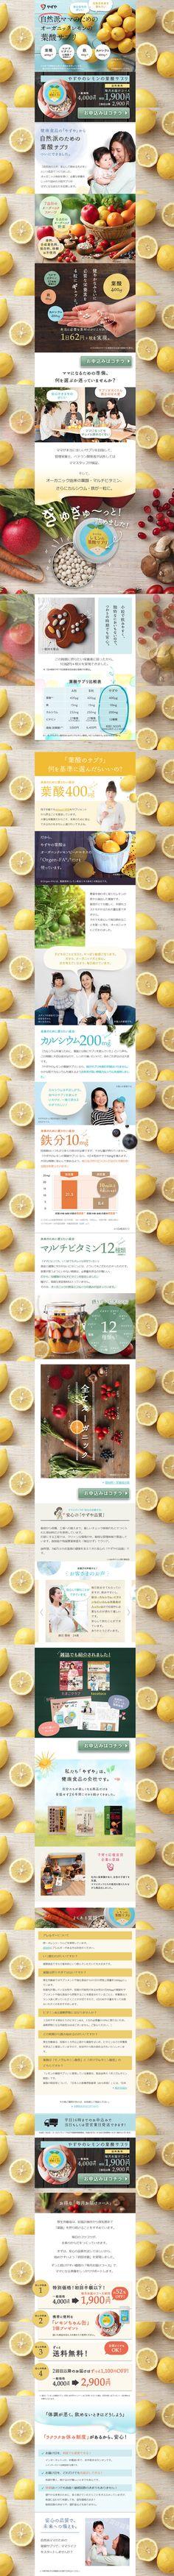 やずや様の「やずやのレモン葉酸サプリ」のランディングページ(LP)かわいい系|健康・美容食品・サプリ #LP #ランディングページ #ランペ #やずやのレモン葉酸サプリ